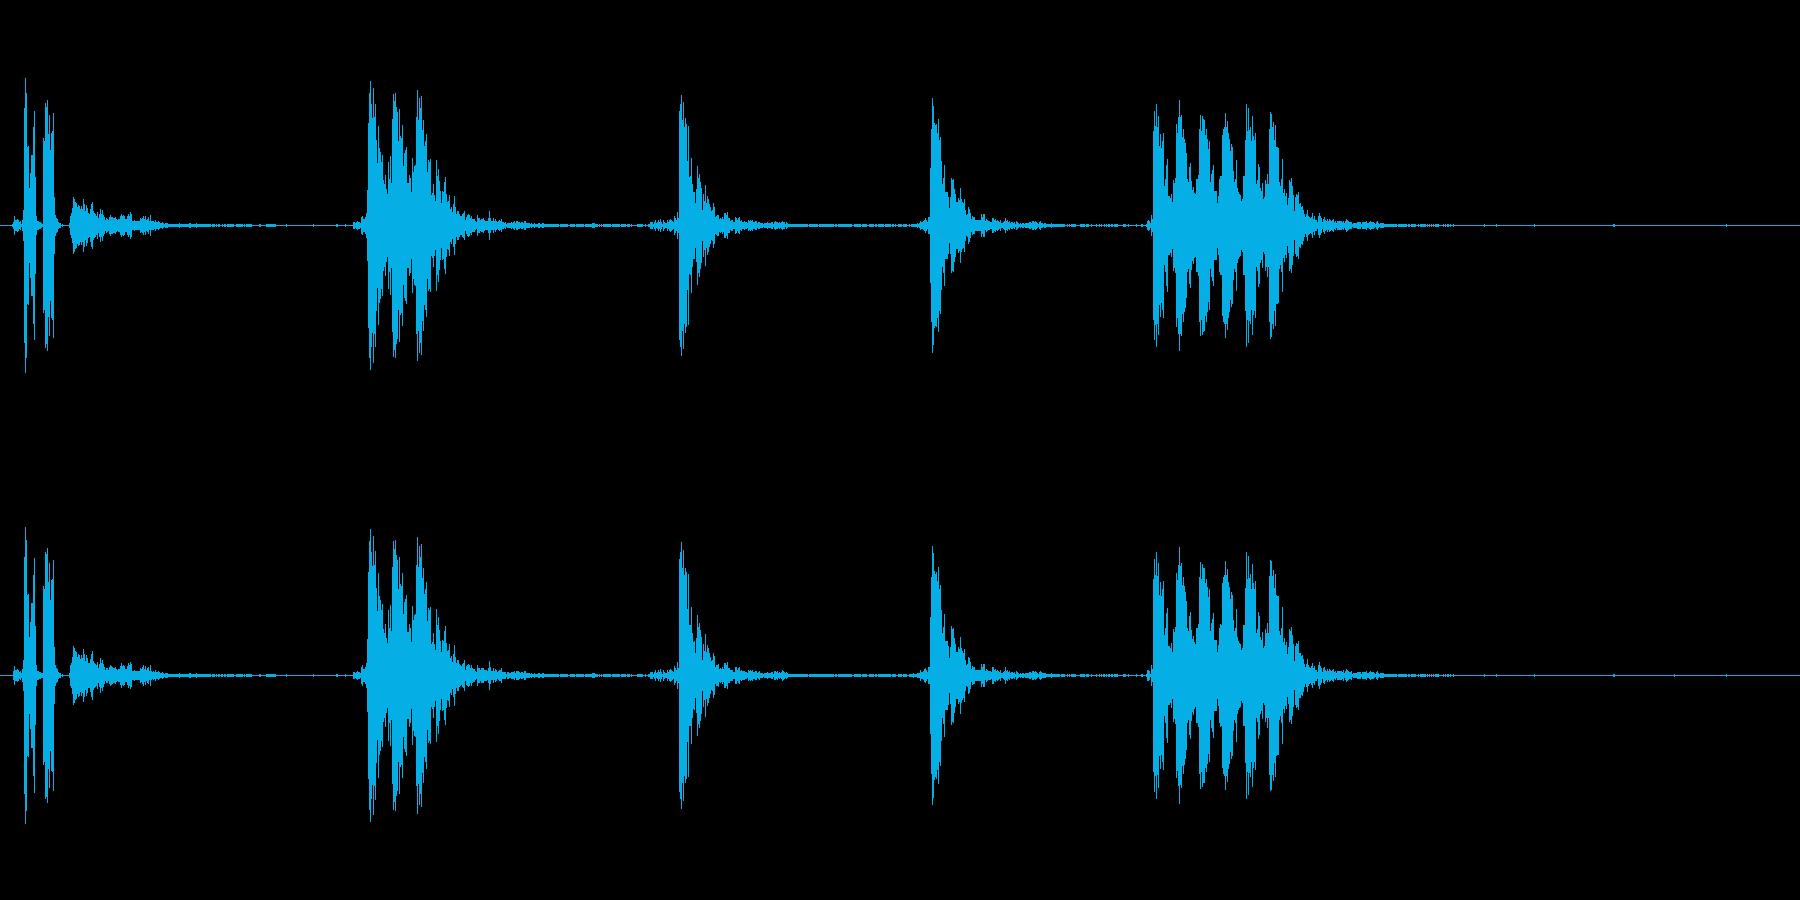 銃の音 (3)の再生済みの波形